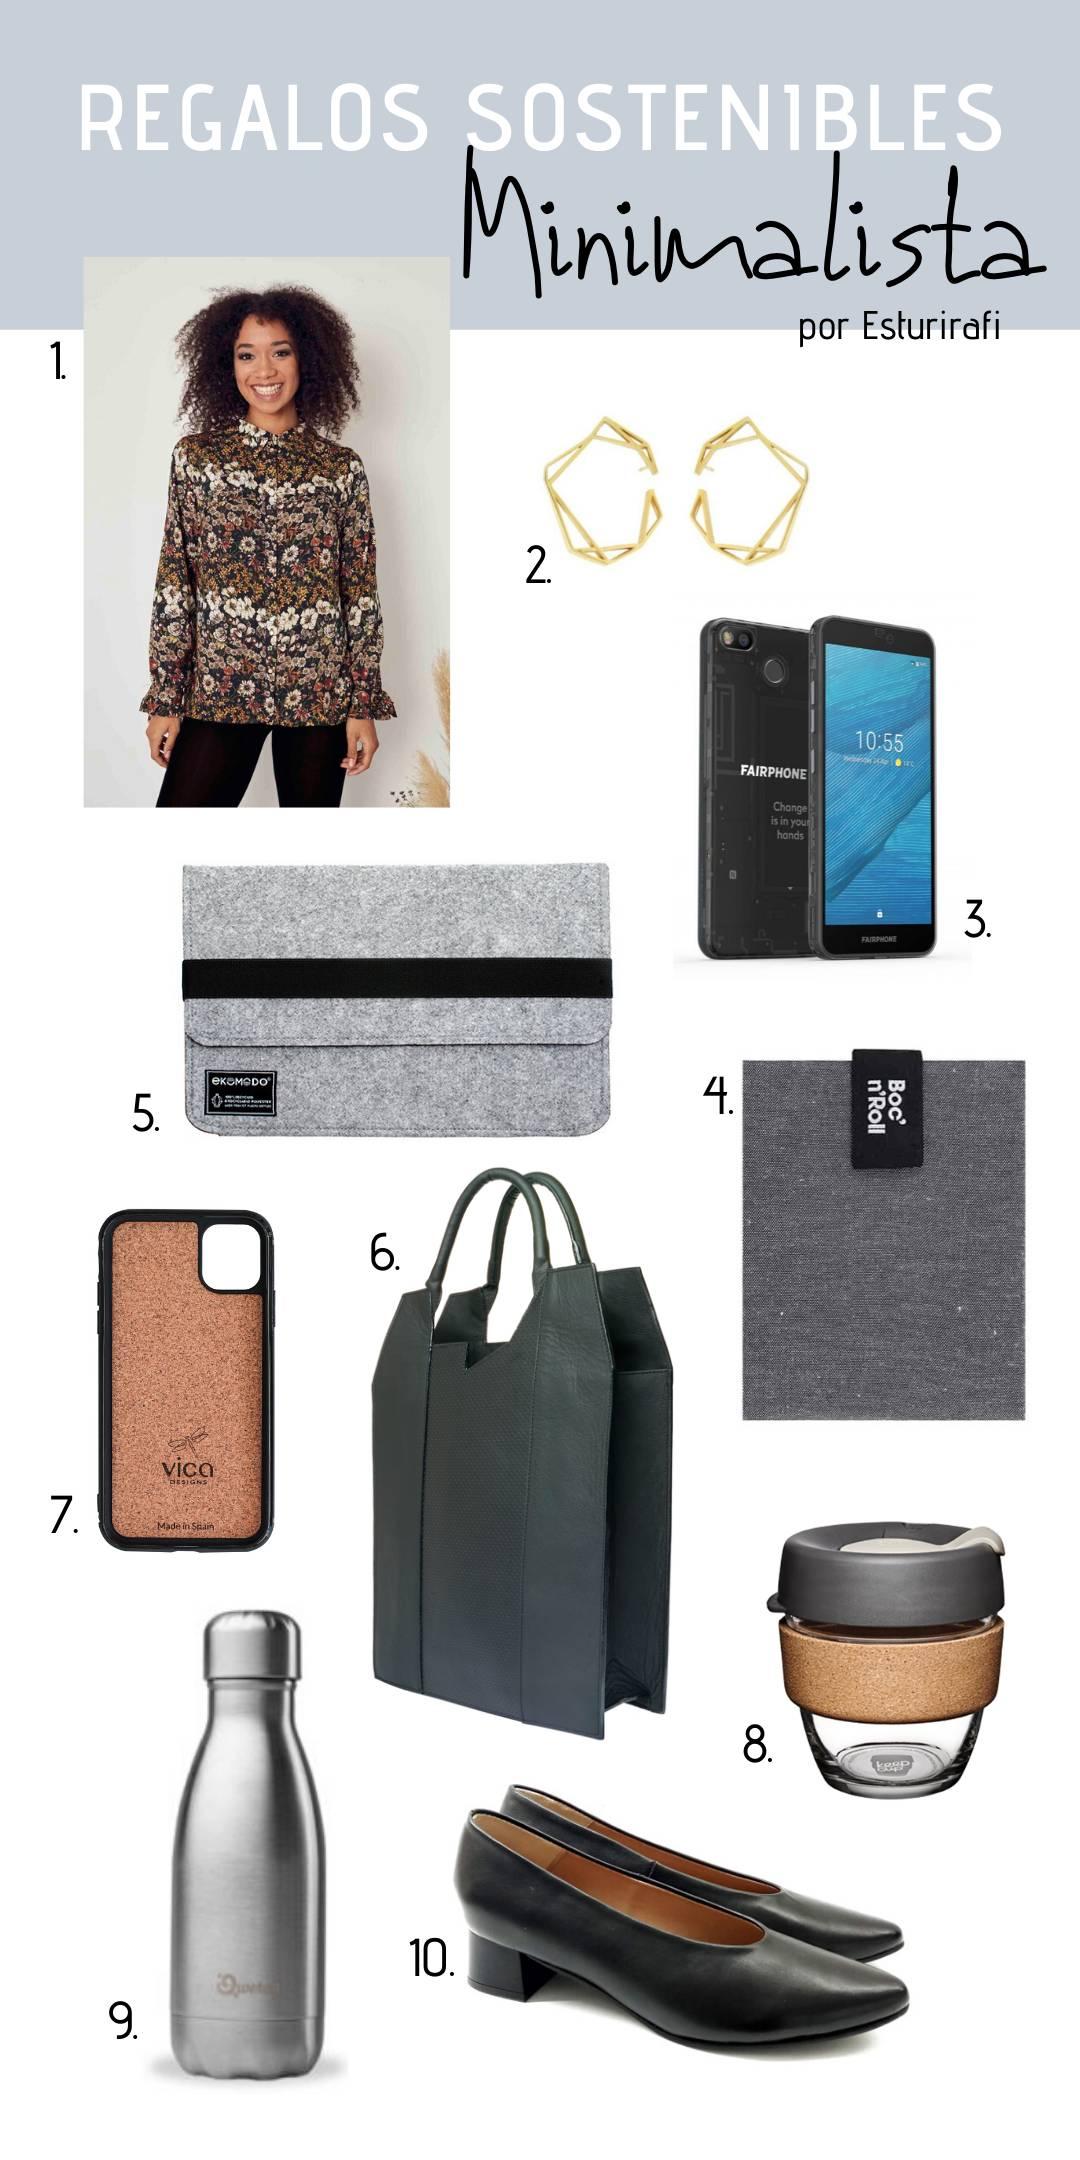 Ideas regalos sostenibles y ecologicos minimalistas para mujer cosmopolita y elegante